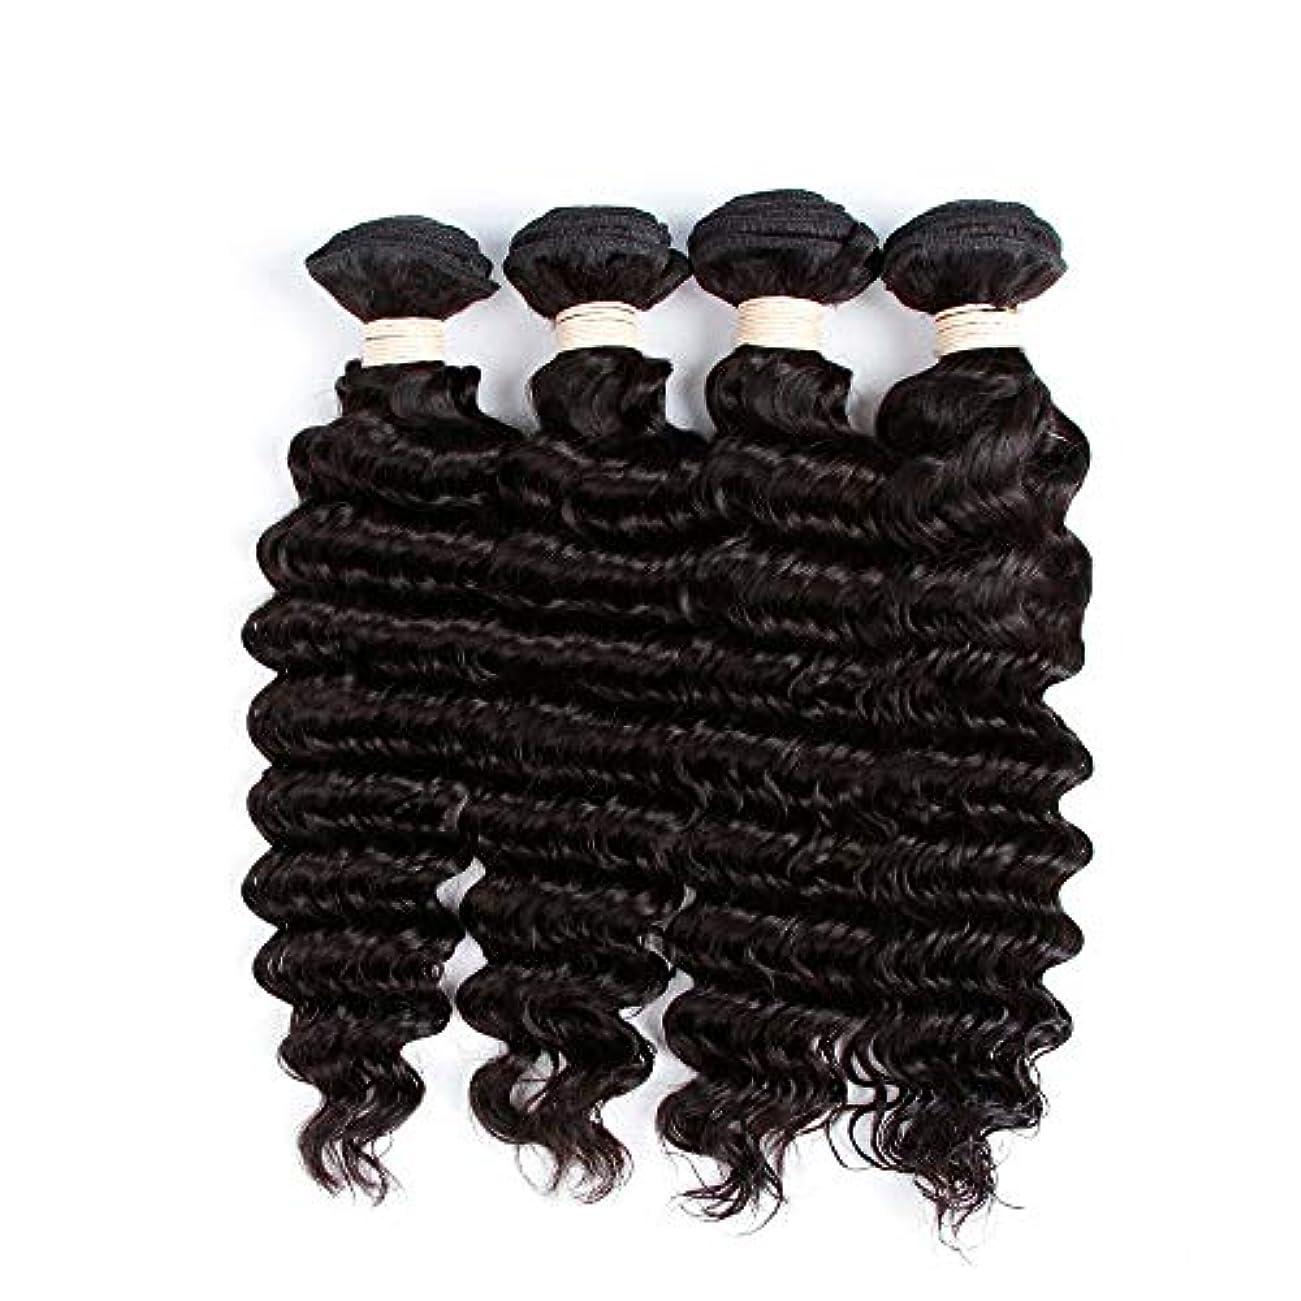 知っているに立ち寄る説得アコードHOHYLLYA 未処理のブラジルの深い巻き毛の束本物の人間のバージンヘアエクステンション - 1束#1Bナチュラルカラー(100 +/- 5g)/ pc女性複合かつらレースかつらロールプレイングかつら (色 : 黒,...